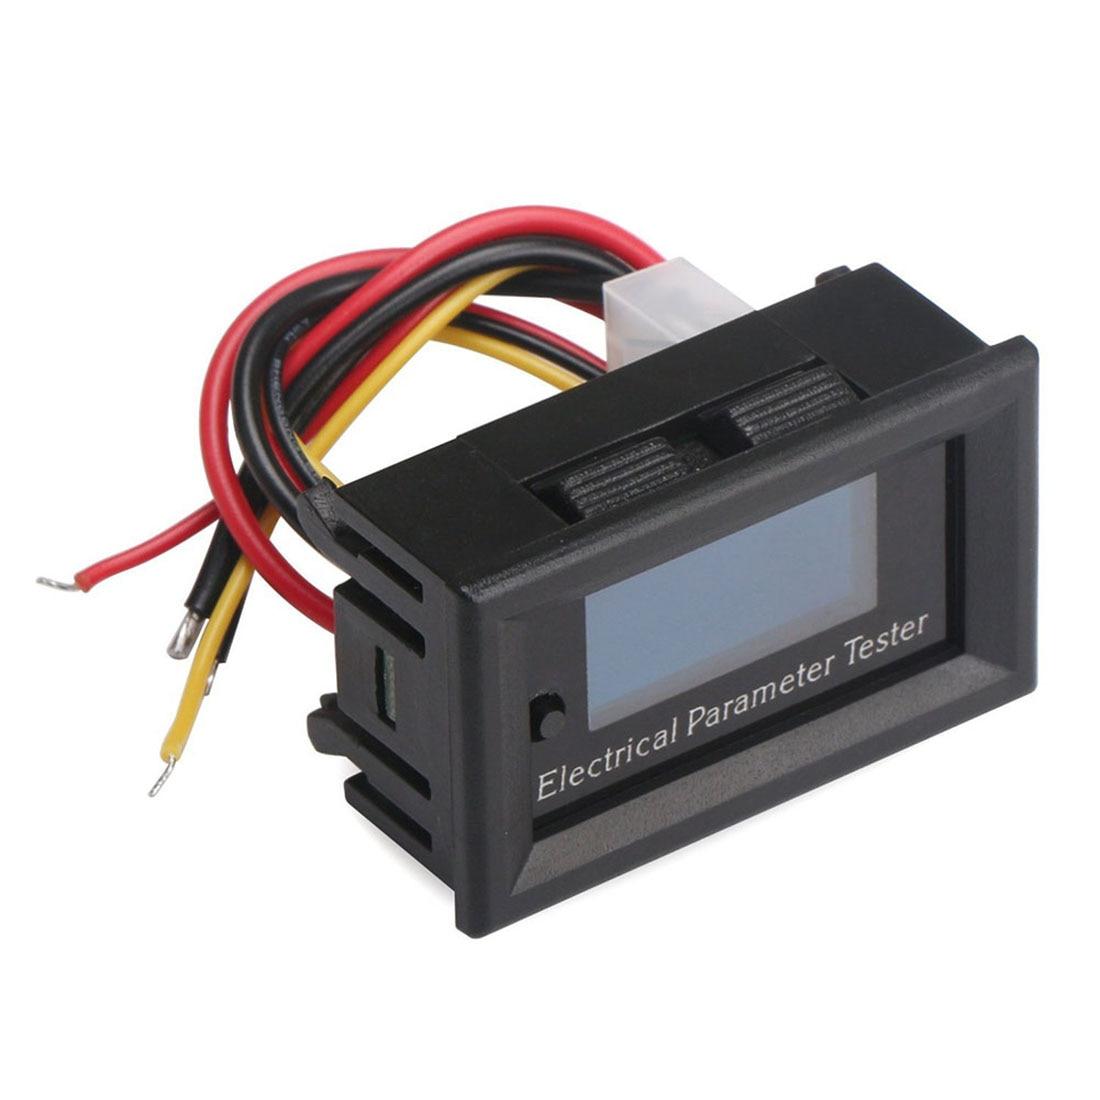 7in1 Portable OLED Multimètre Ampère Capacité Puissance L'énergie Fonctionner Temps température Mètre DC 33 V 10A Volt Amp Wattmètre 330 W 3300